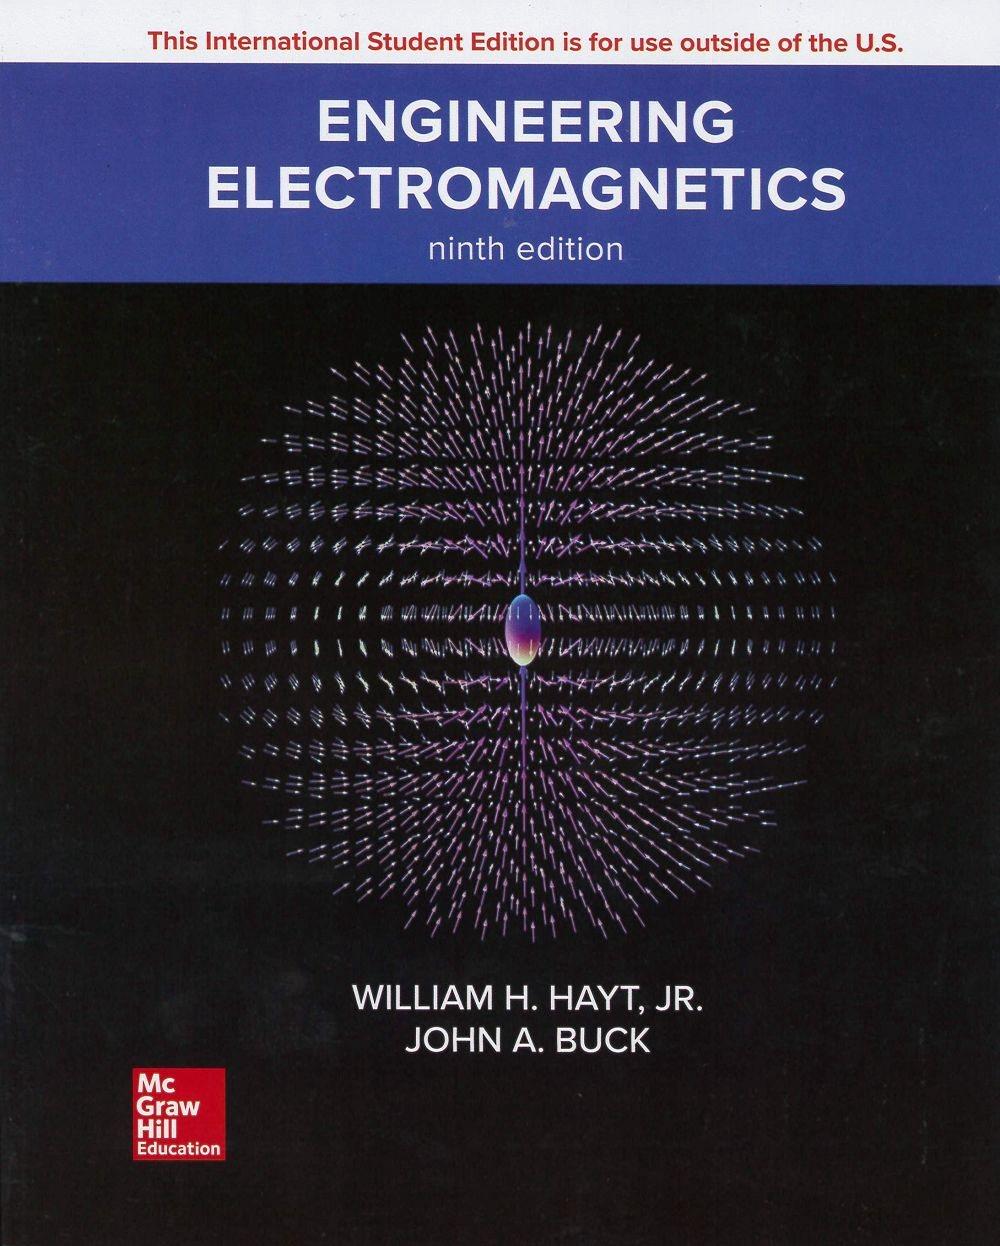 Engineering Electromagnetics 9/e